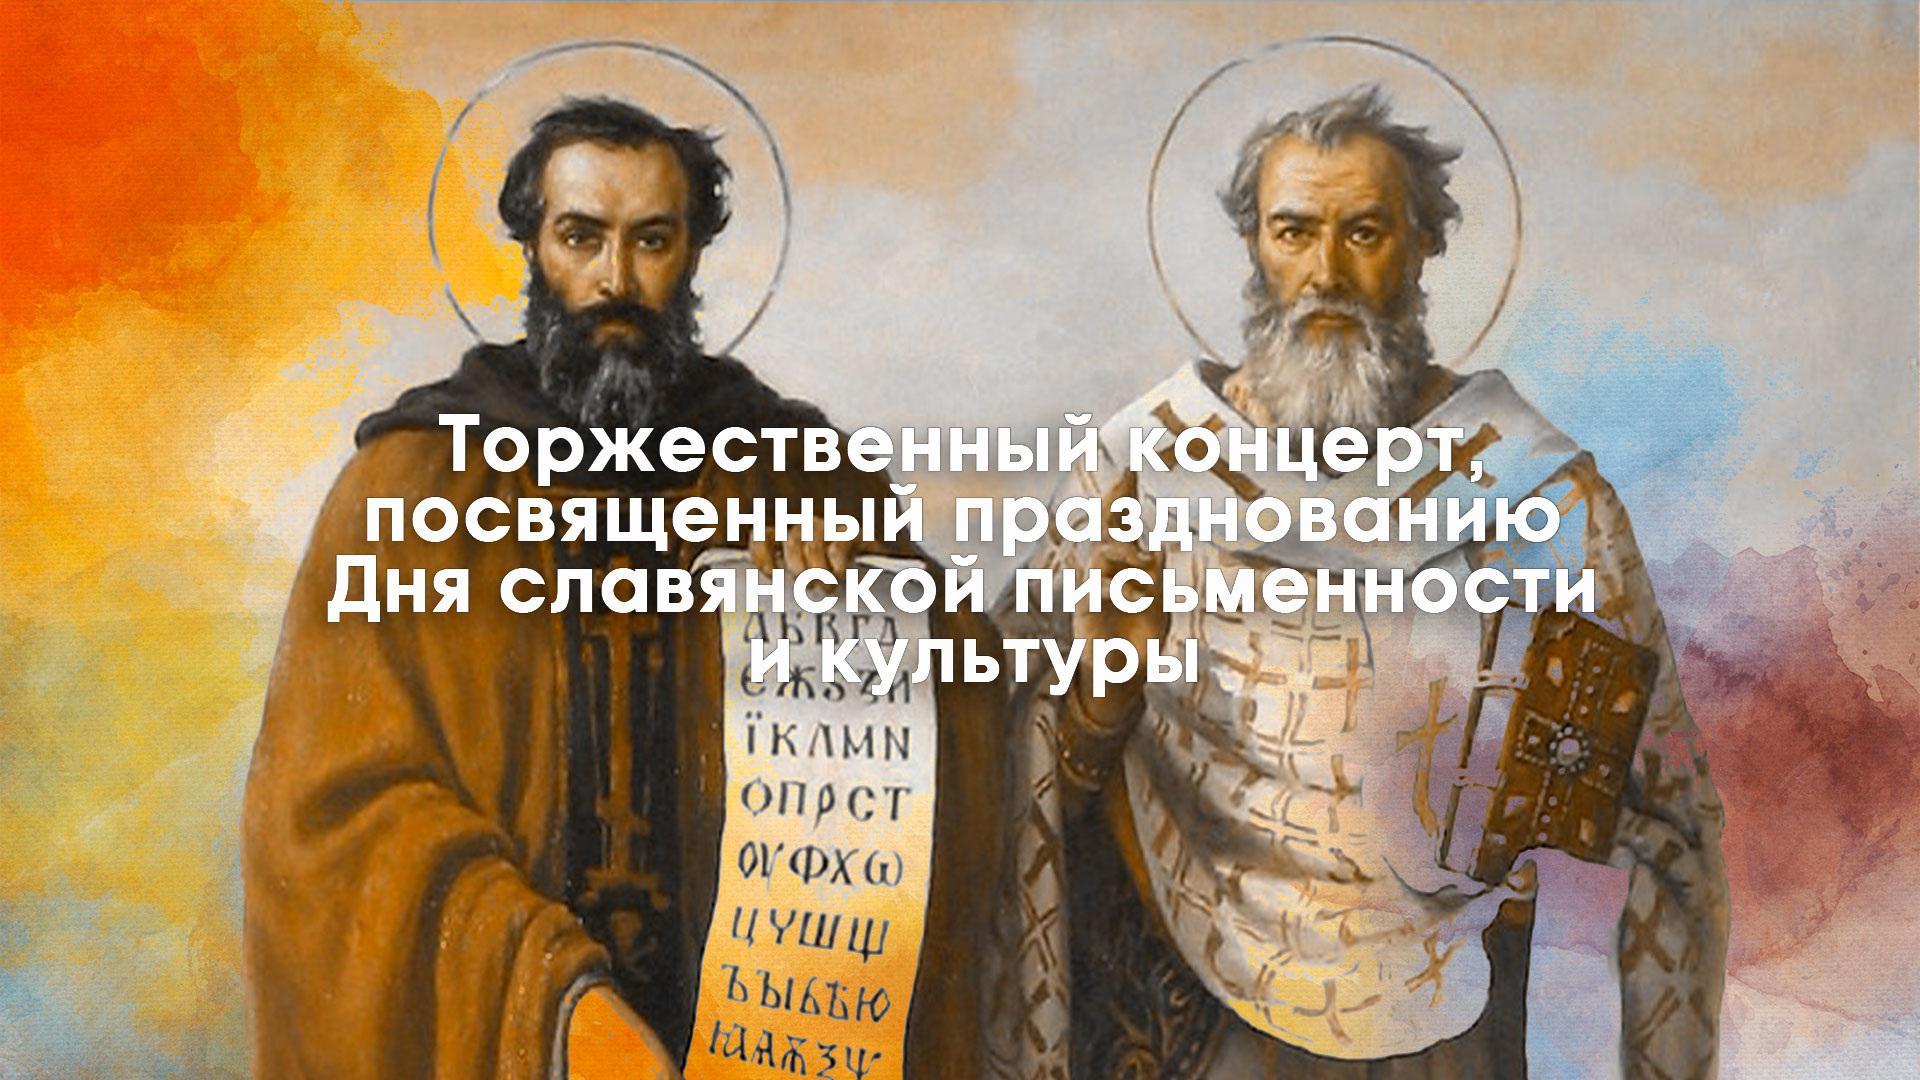 Торжественный концерт, посвященный празднованию Дня славянской письменности и культуры